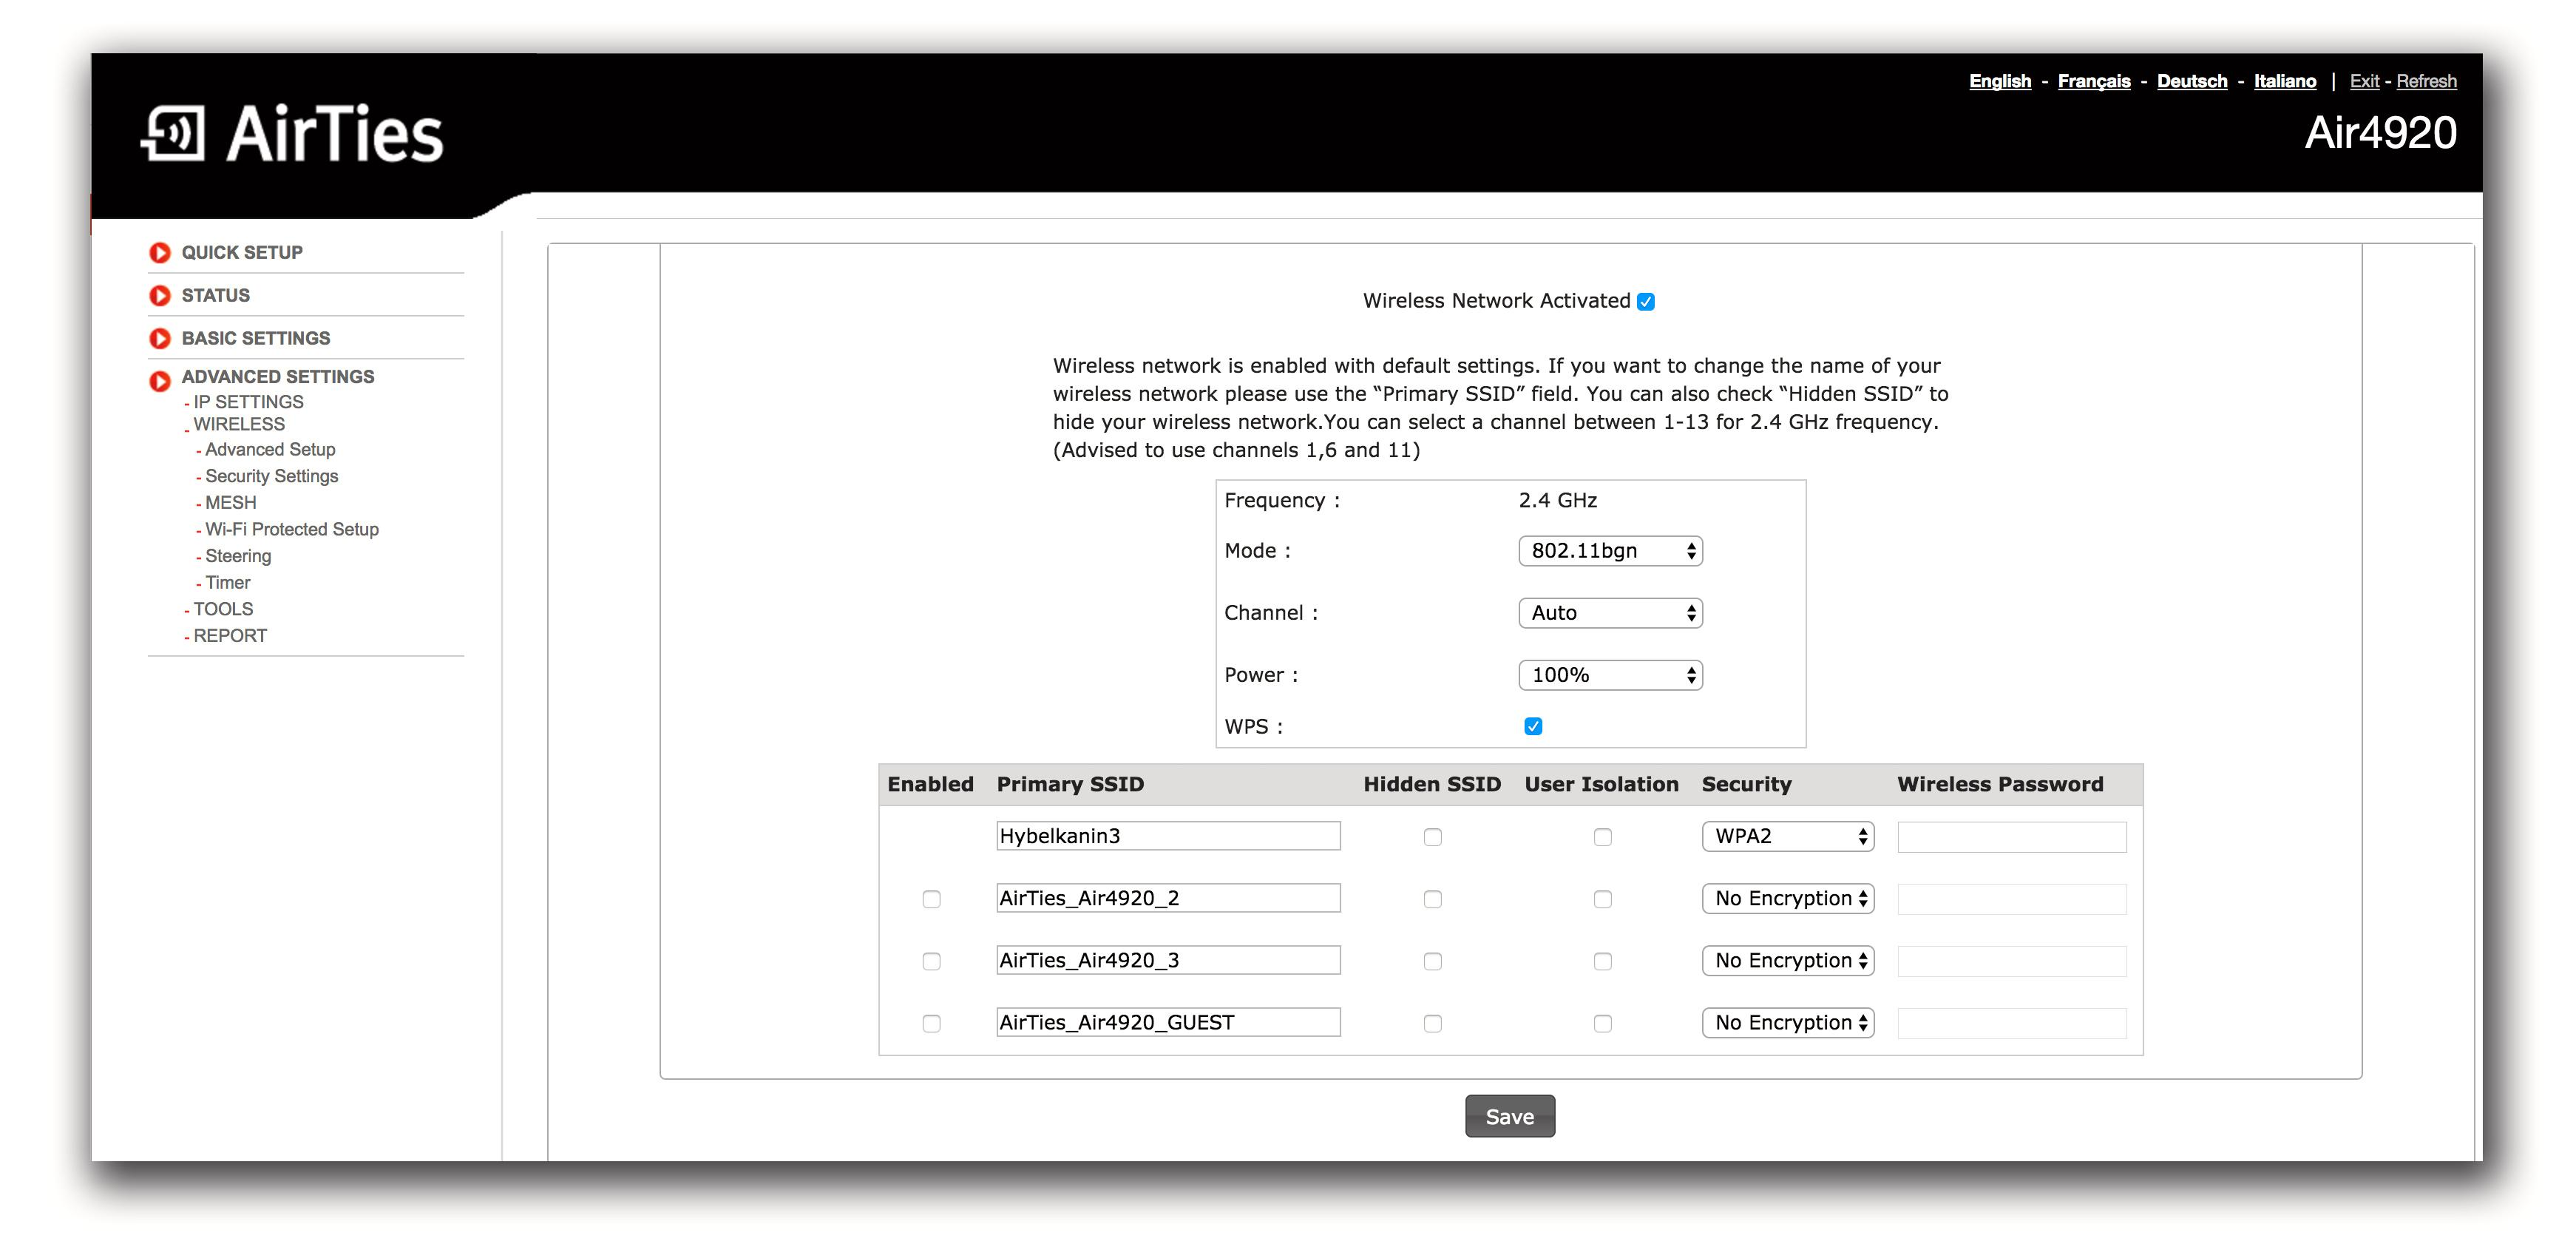 Slik ser Airties-portalen ut. Siden Airties-enhetene ikke har ruterfunksjonalitet, er lista over ting du kan endre på ganske tynn.